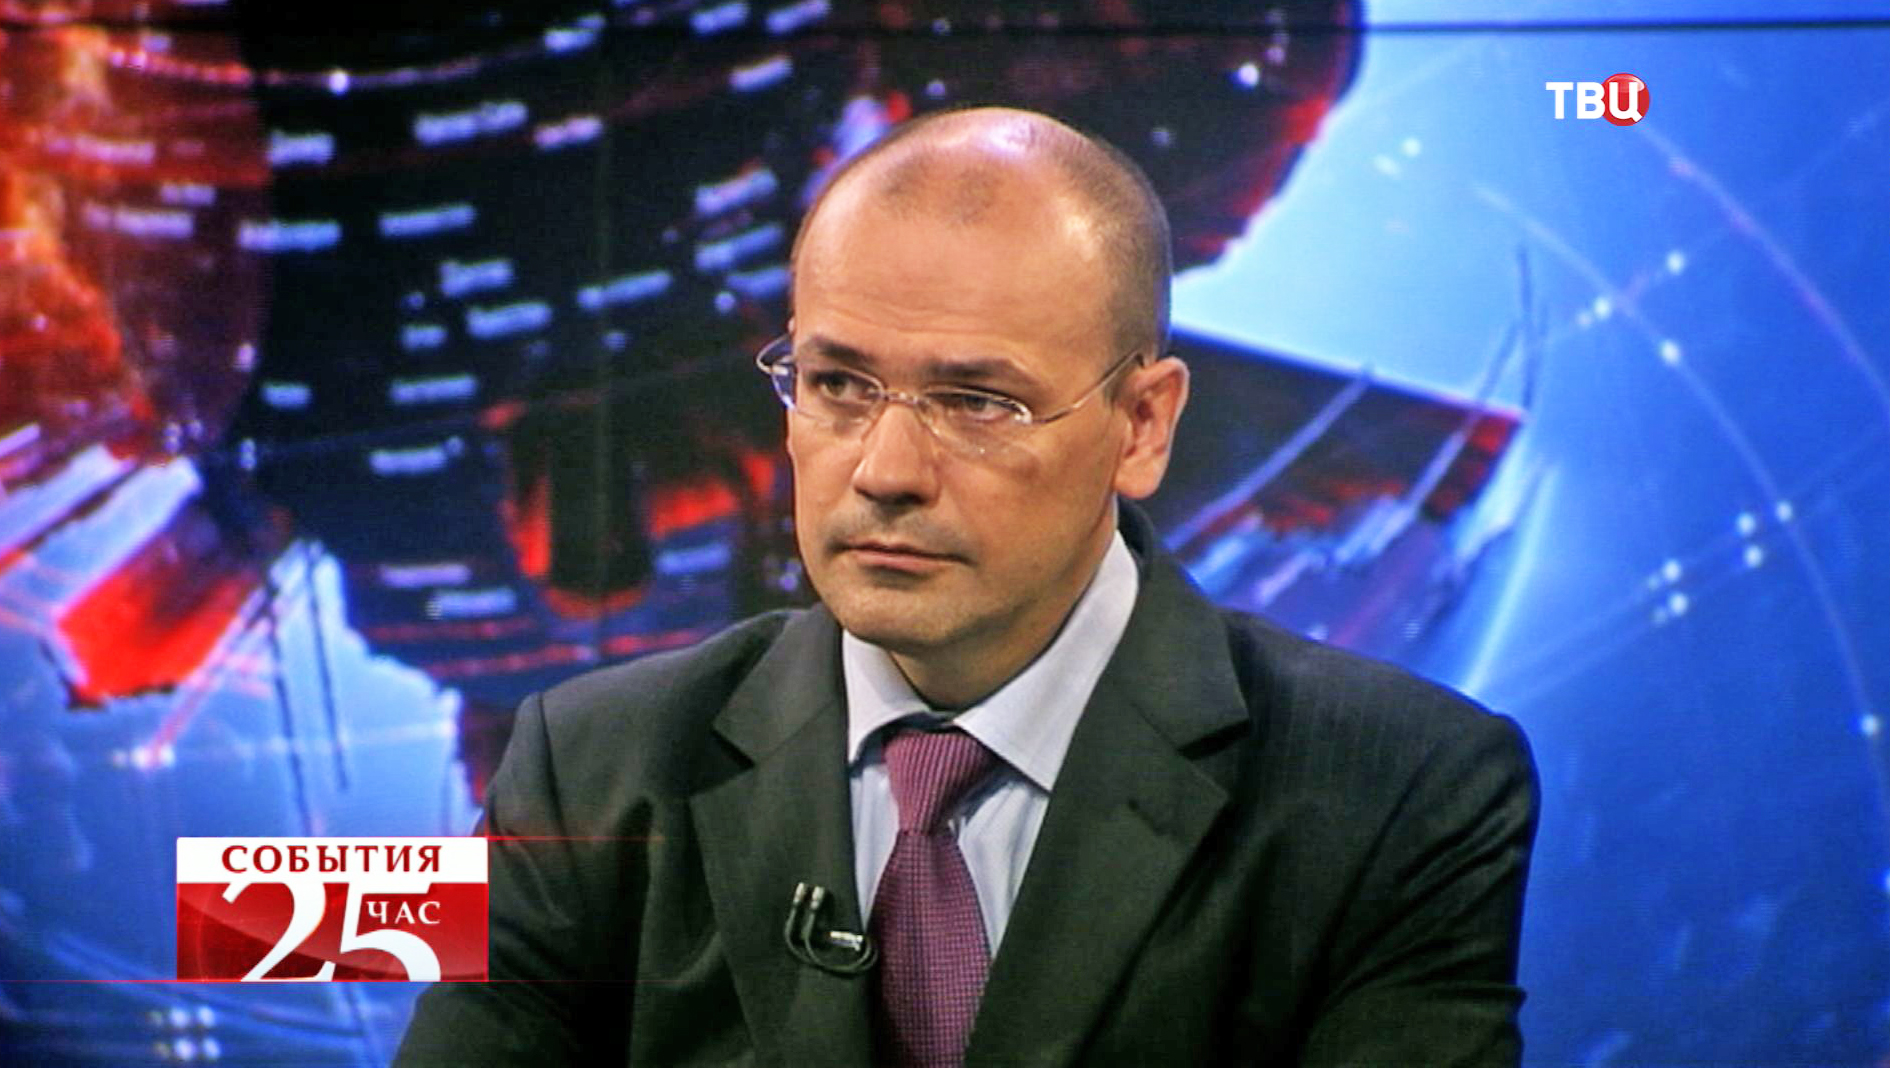 Руководитель фонда национальной энергетической безопасности Константин Симонов